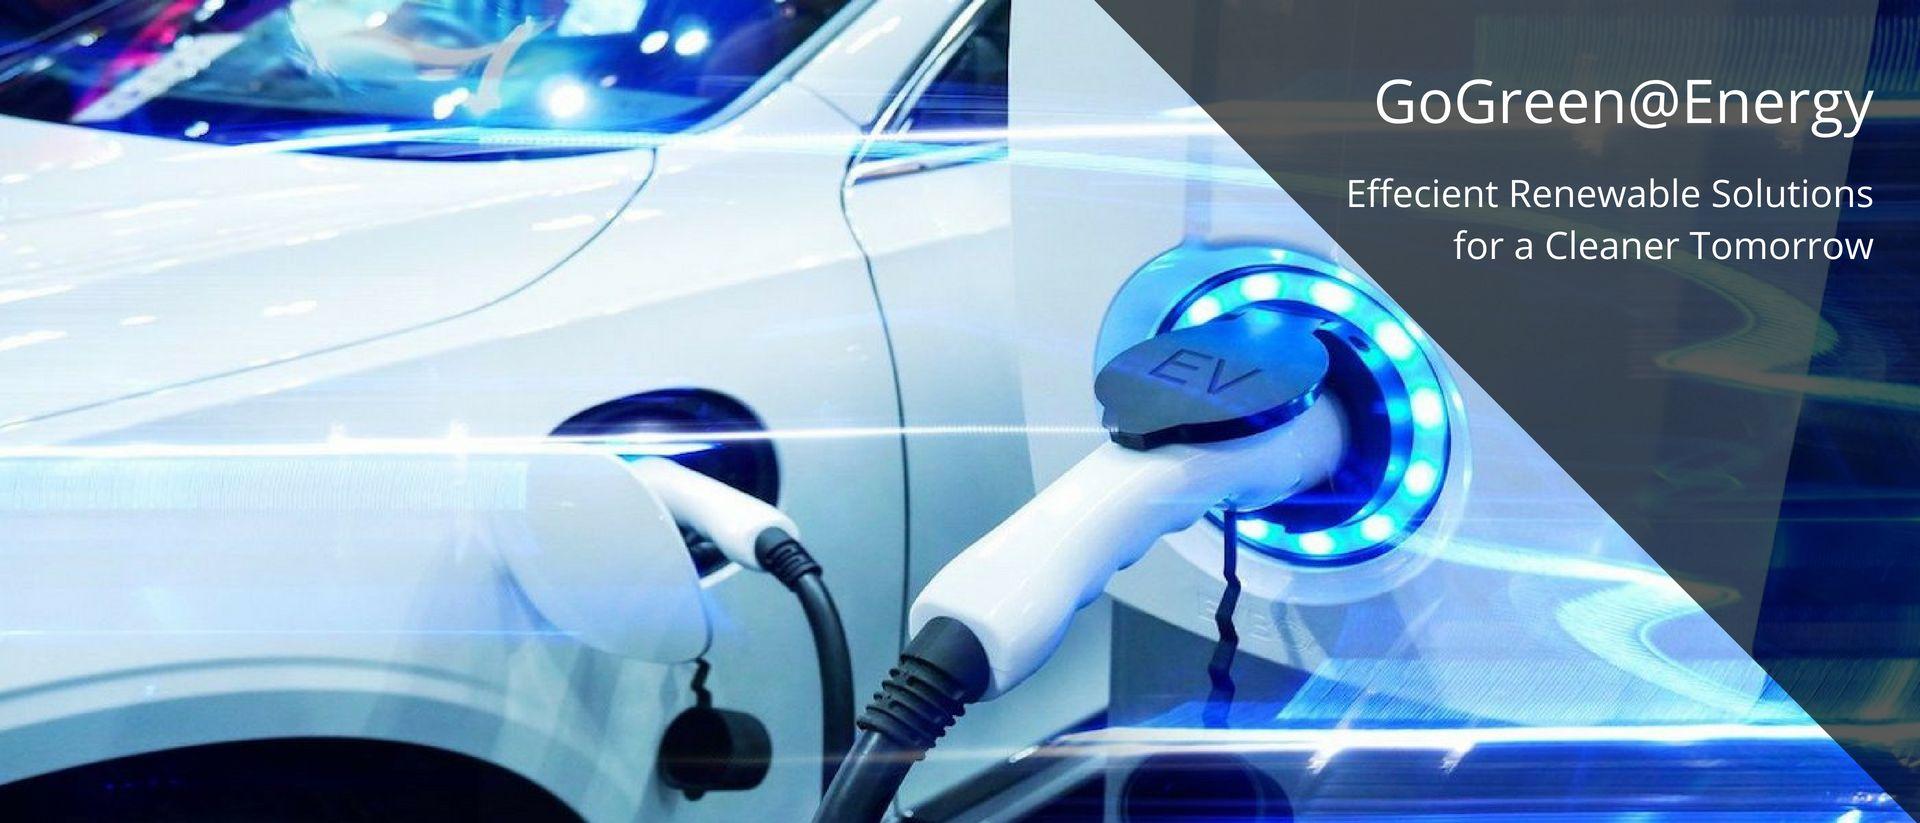 Efficient Renewable Solutions by Swingtel